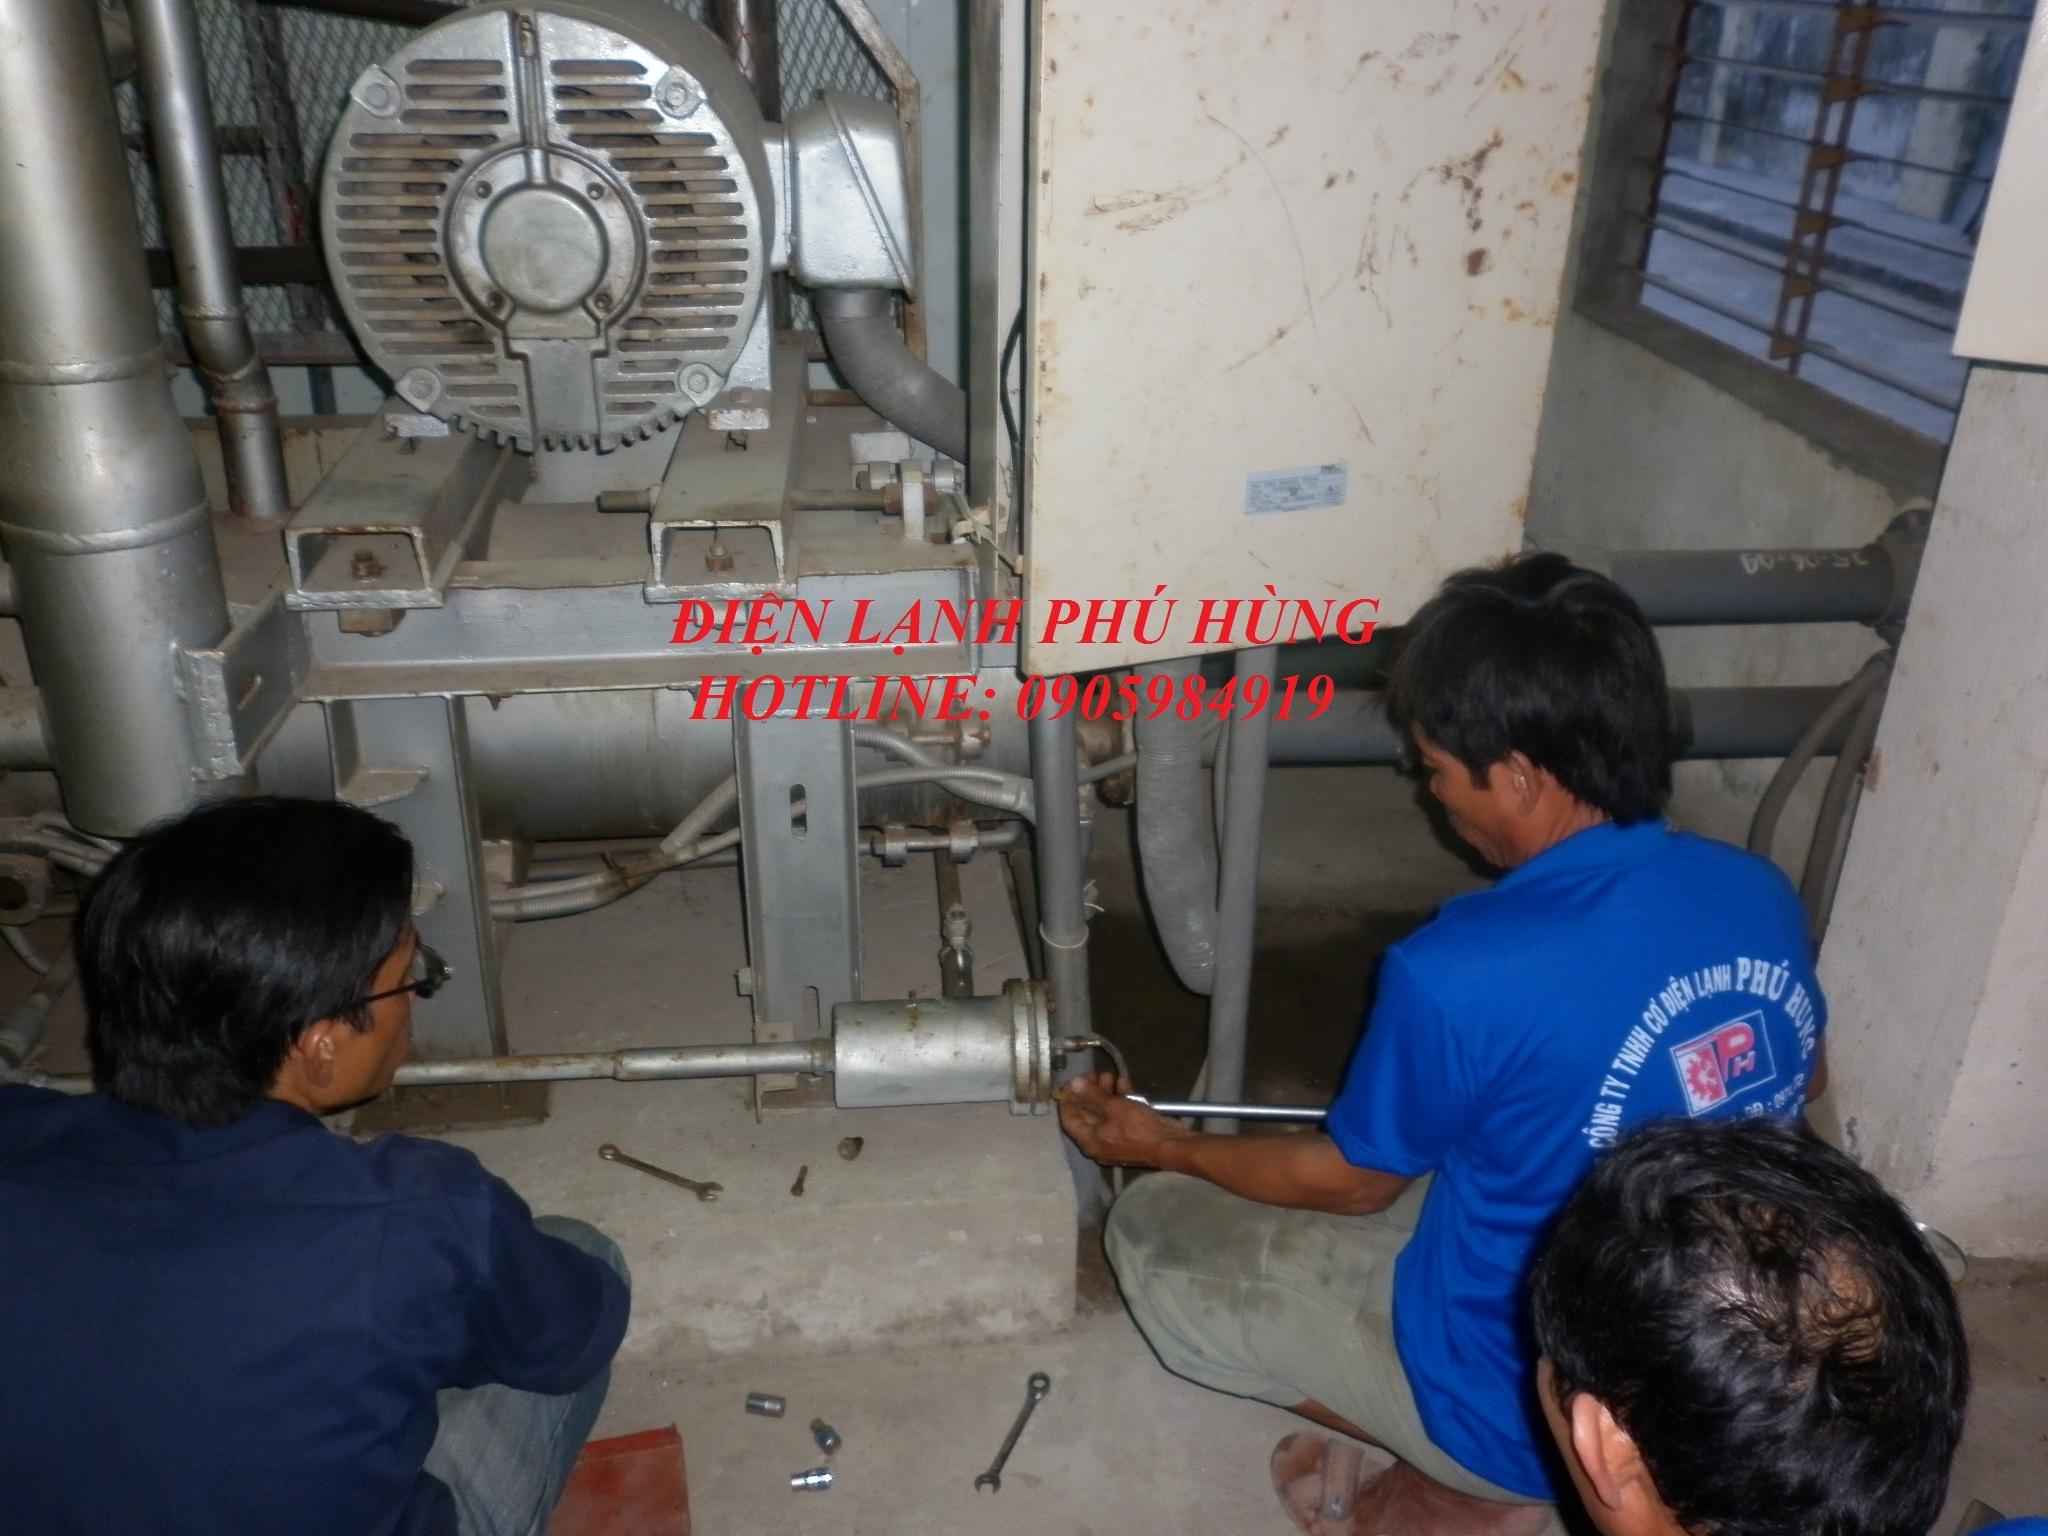 dl ptp5 - Cung cấp hệ thống lạnh cho nhà máy thủy sản Phước Tâm Phát